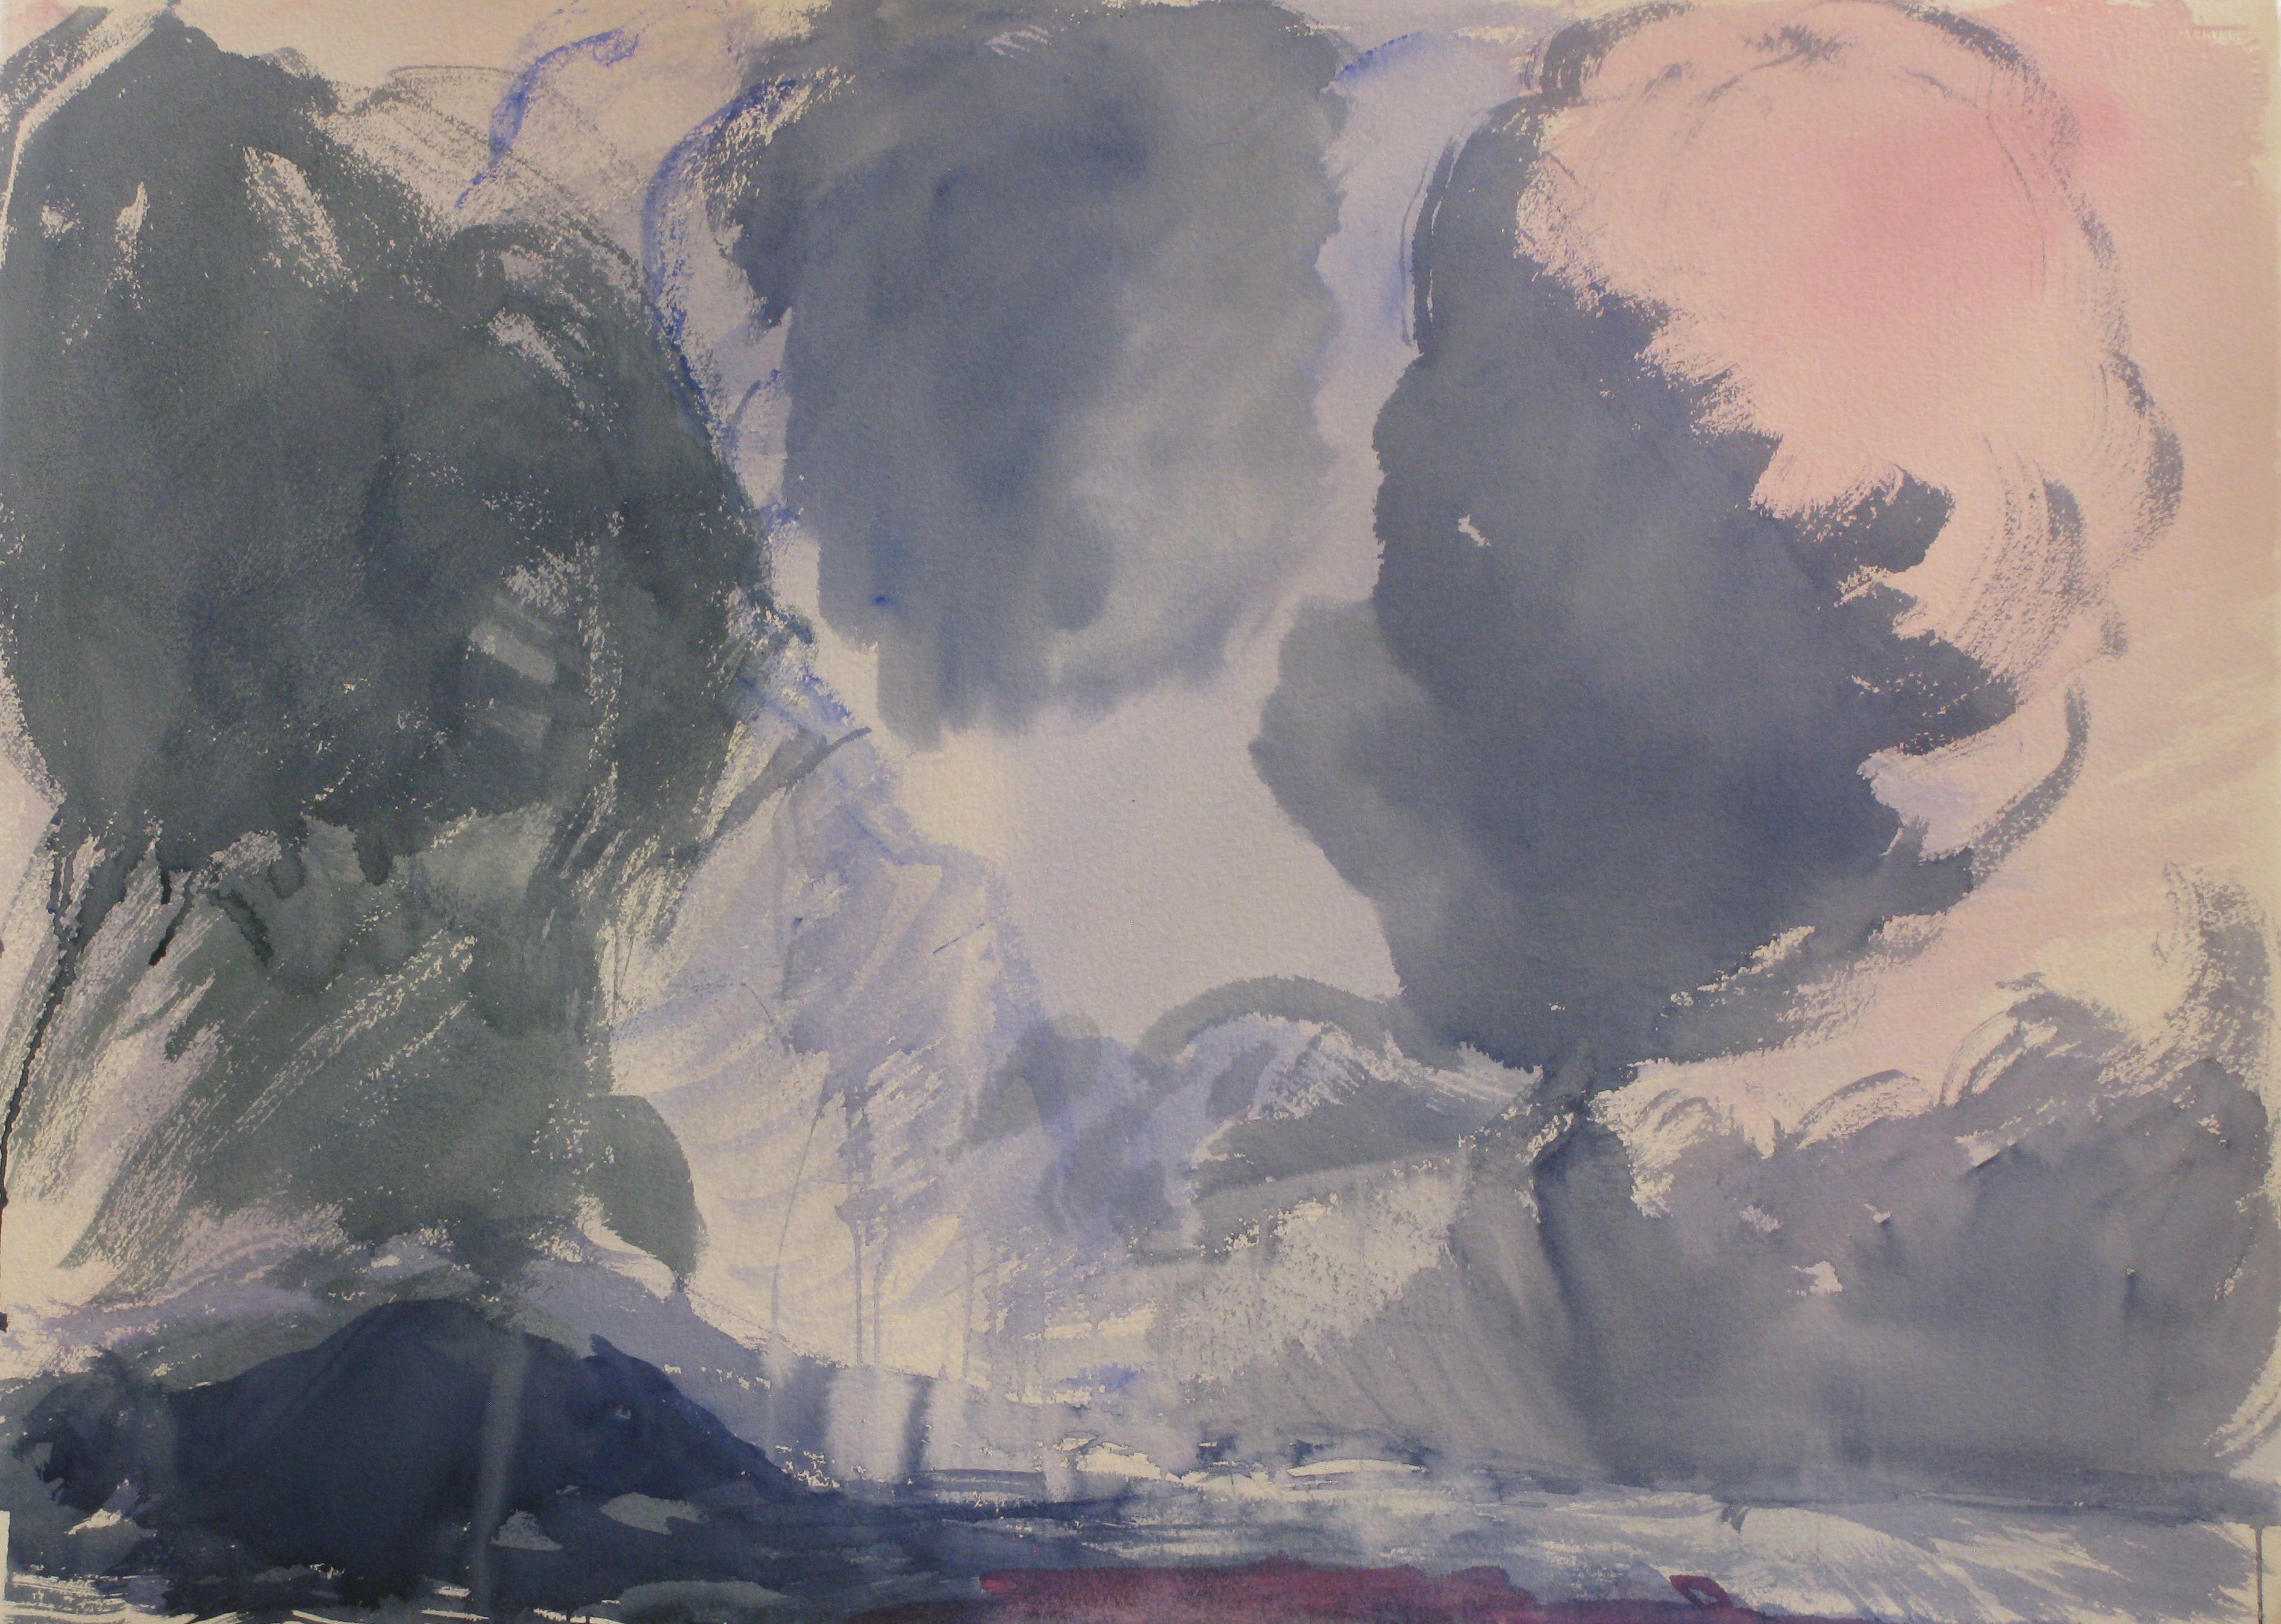 Watercolor-4 2012 29.75 x 41.5